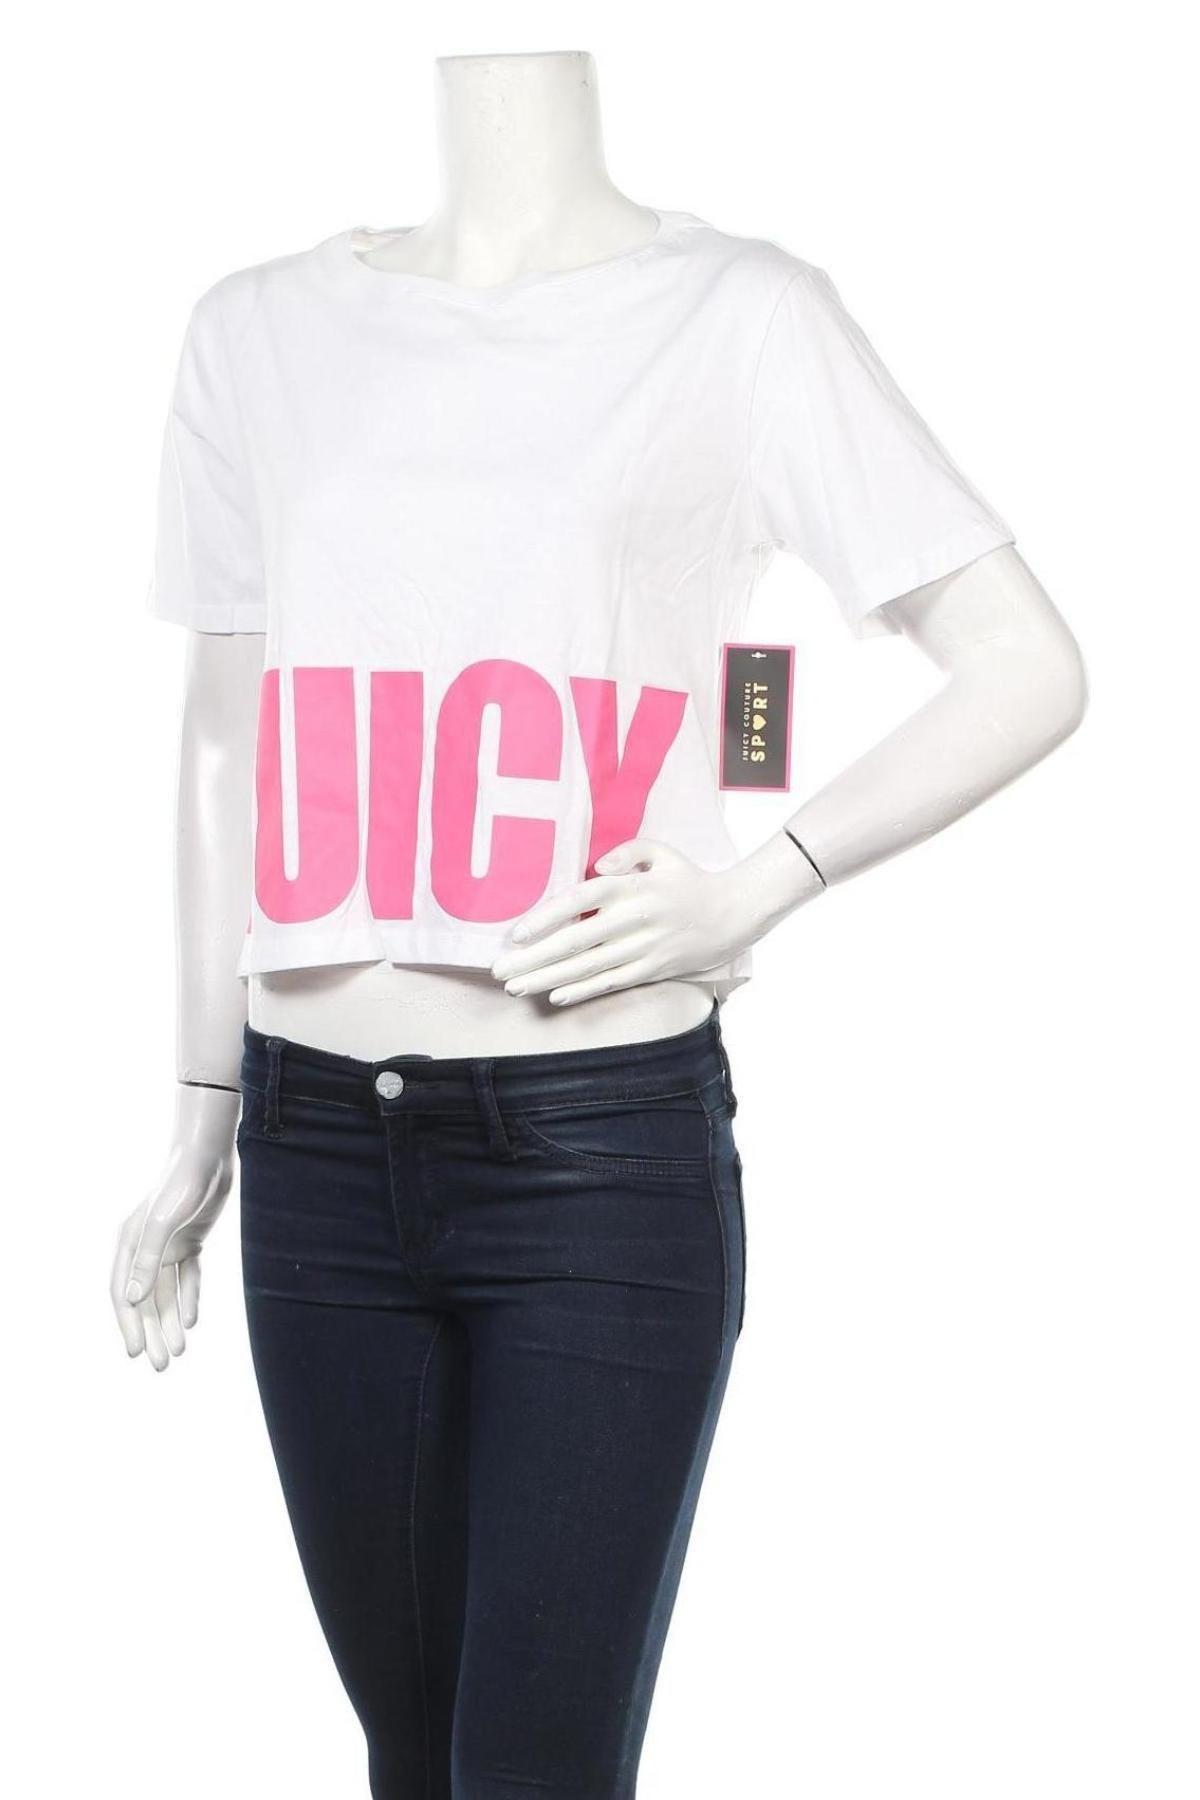 Дамска тениска Juicy Couture, Размер L, Цвят Бял, 100% памук, Цена 27,90лв.